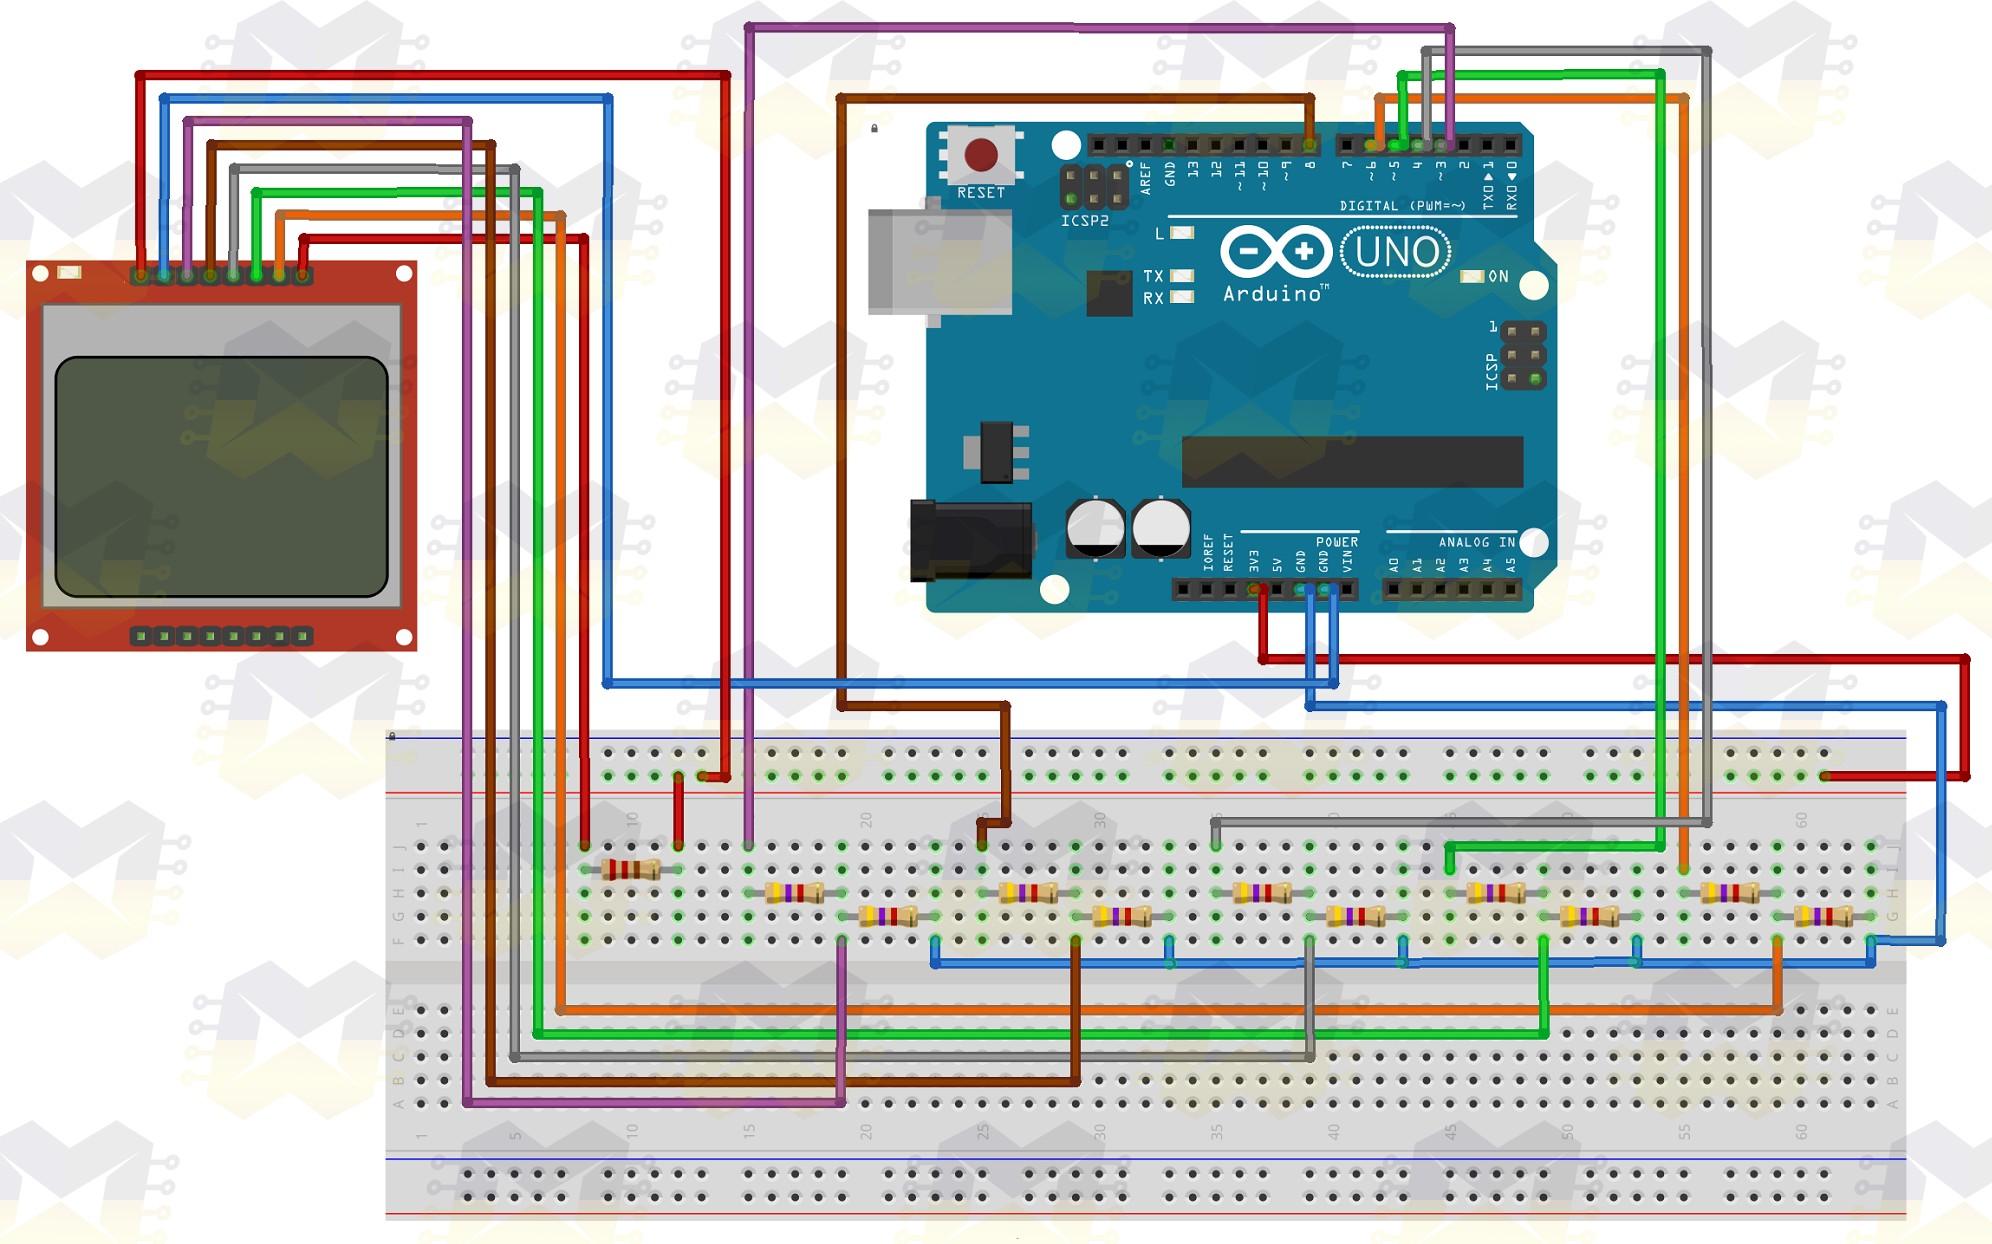 img02_como_usar_com_arduino_-_display_lcd_84x48_nokia_5110_3.3v_5v_conversor_nivel_logico_divisor_tensao_vermelho_azul_resistor